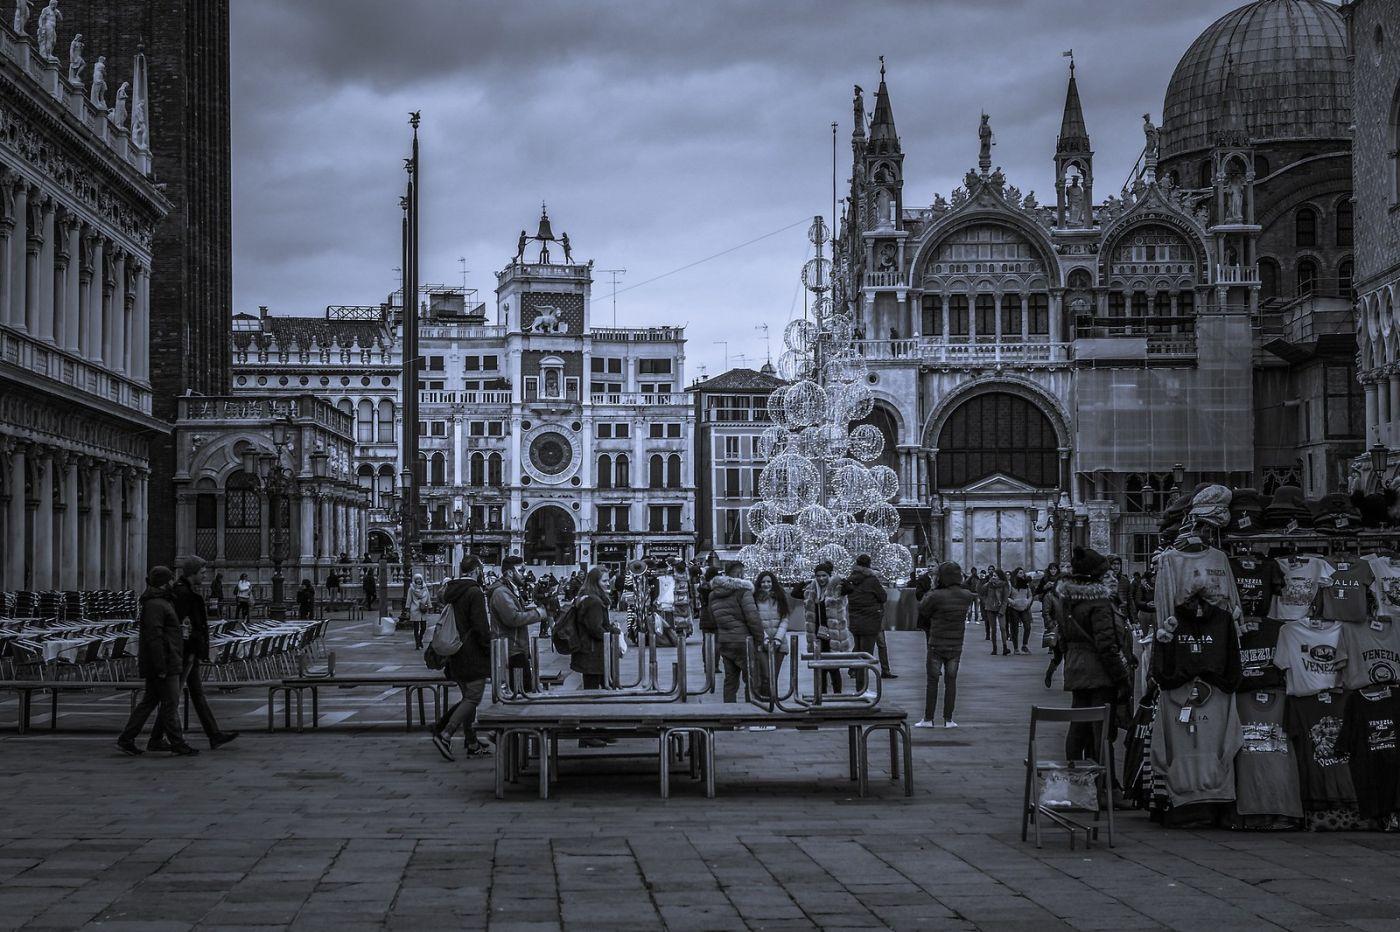 威尼斯圣马可广场(St Mark's Square), 独一无二_图1-25